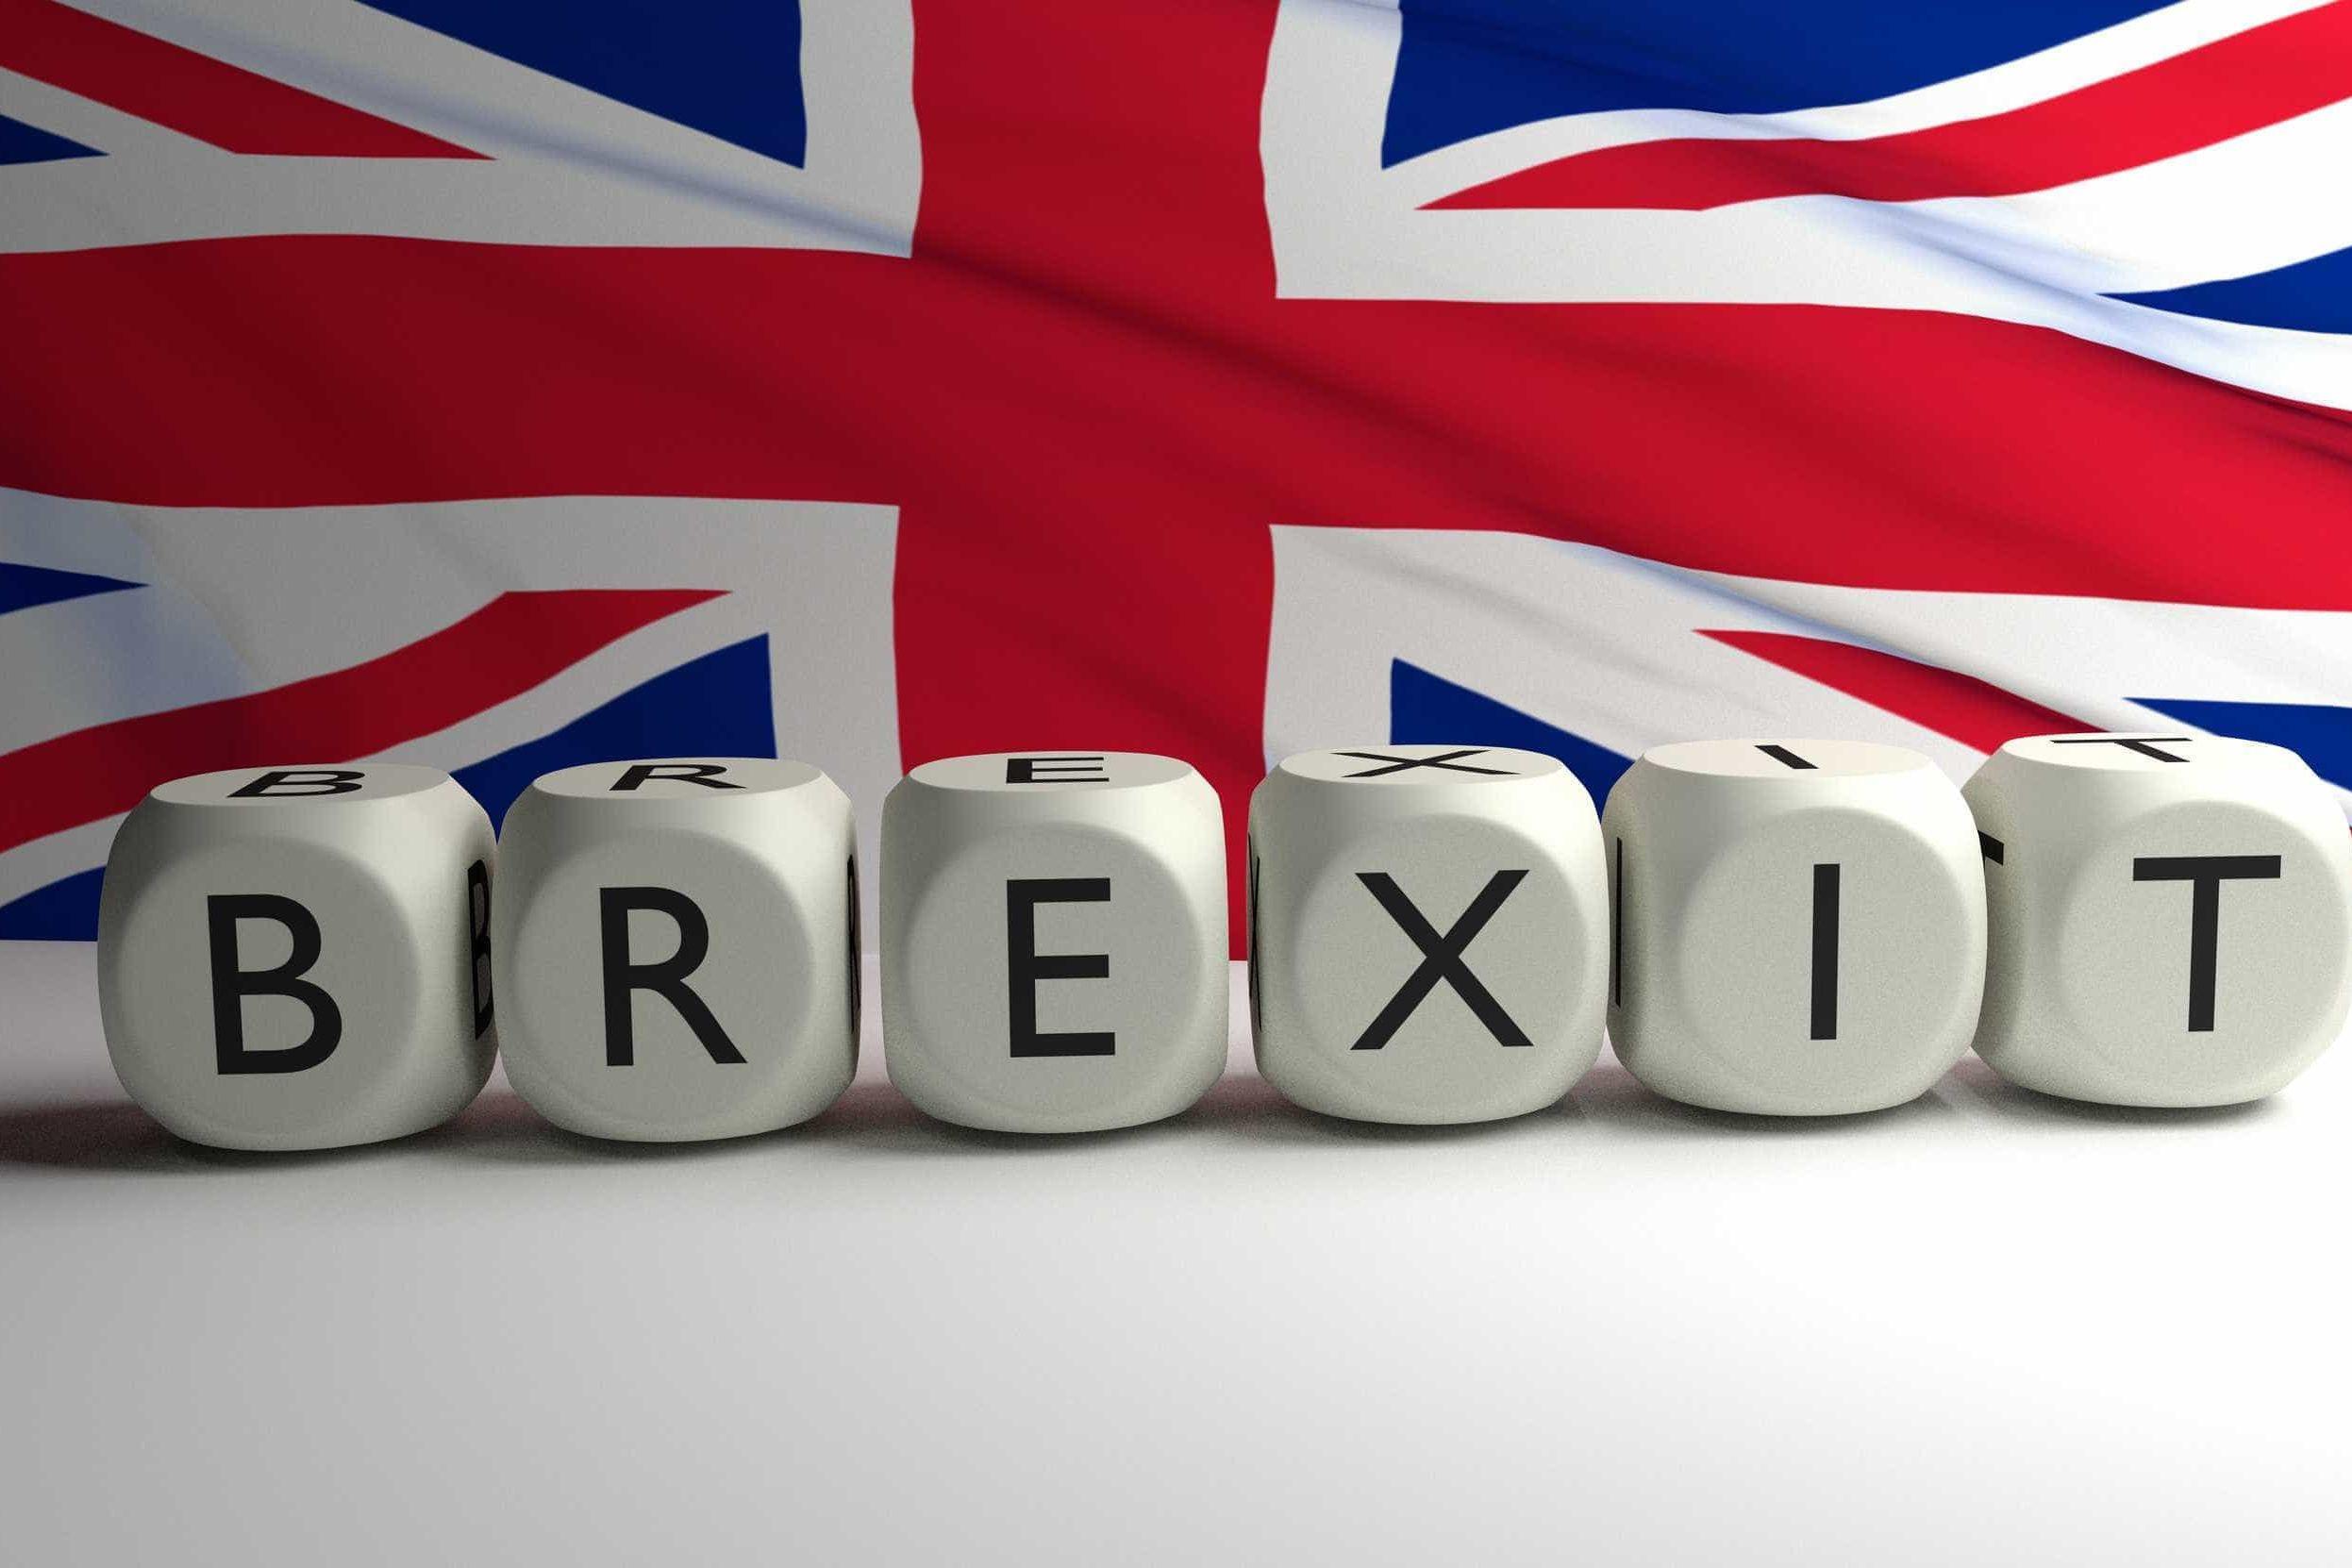 Adiamento do Brexit anima bolsas europeias que 'acordam' em alta